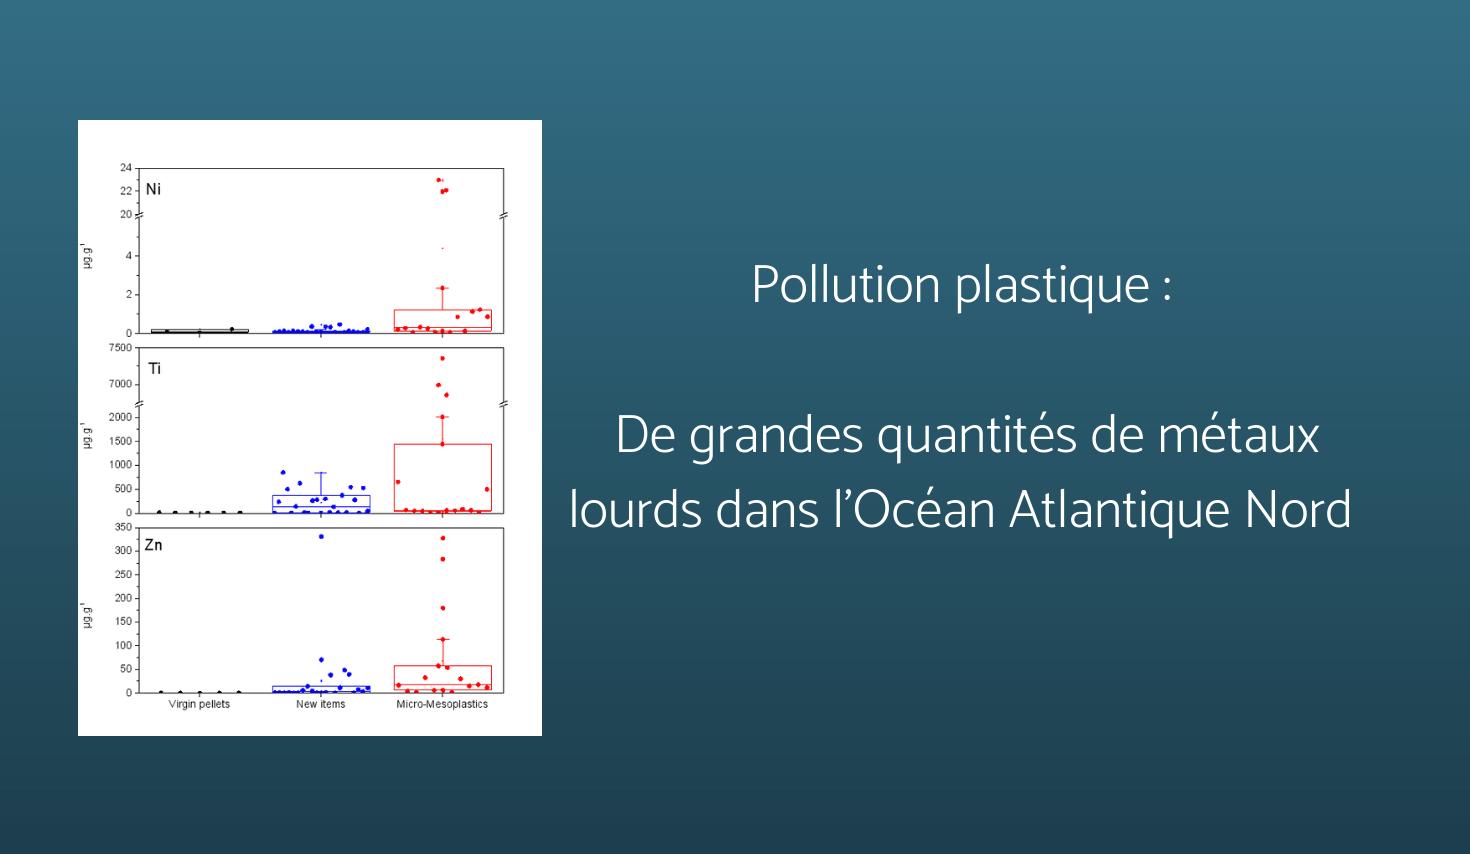 De Grandes Quantités De Métaux Lourds Dans L'Océan Atlantique Nord